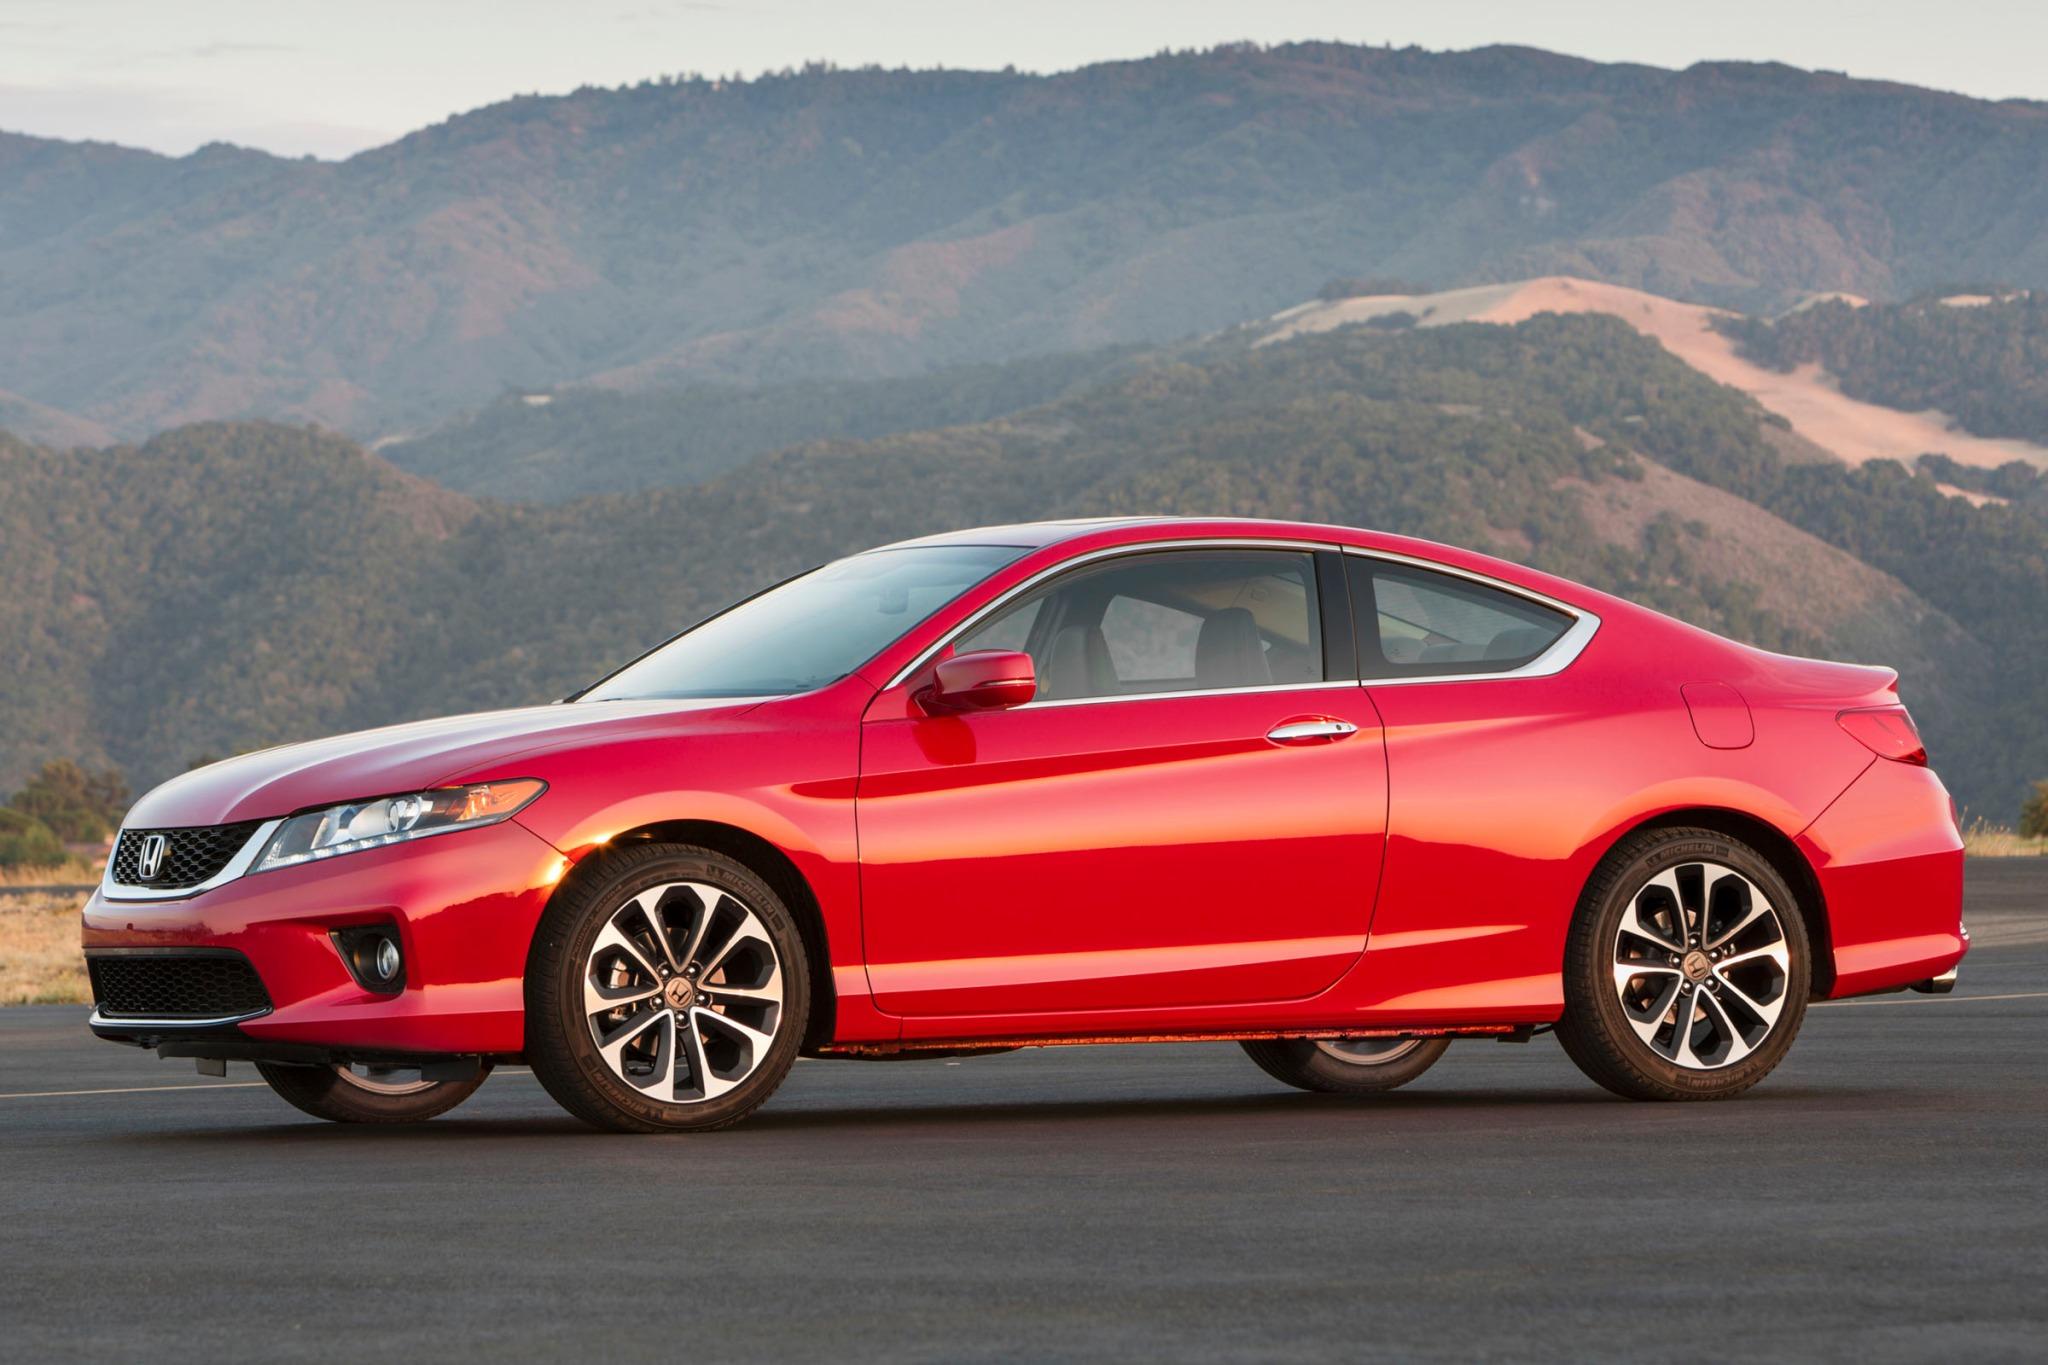 2014 Honda Accord Image 2